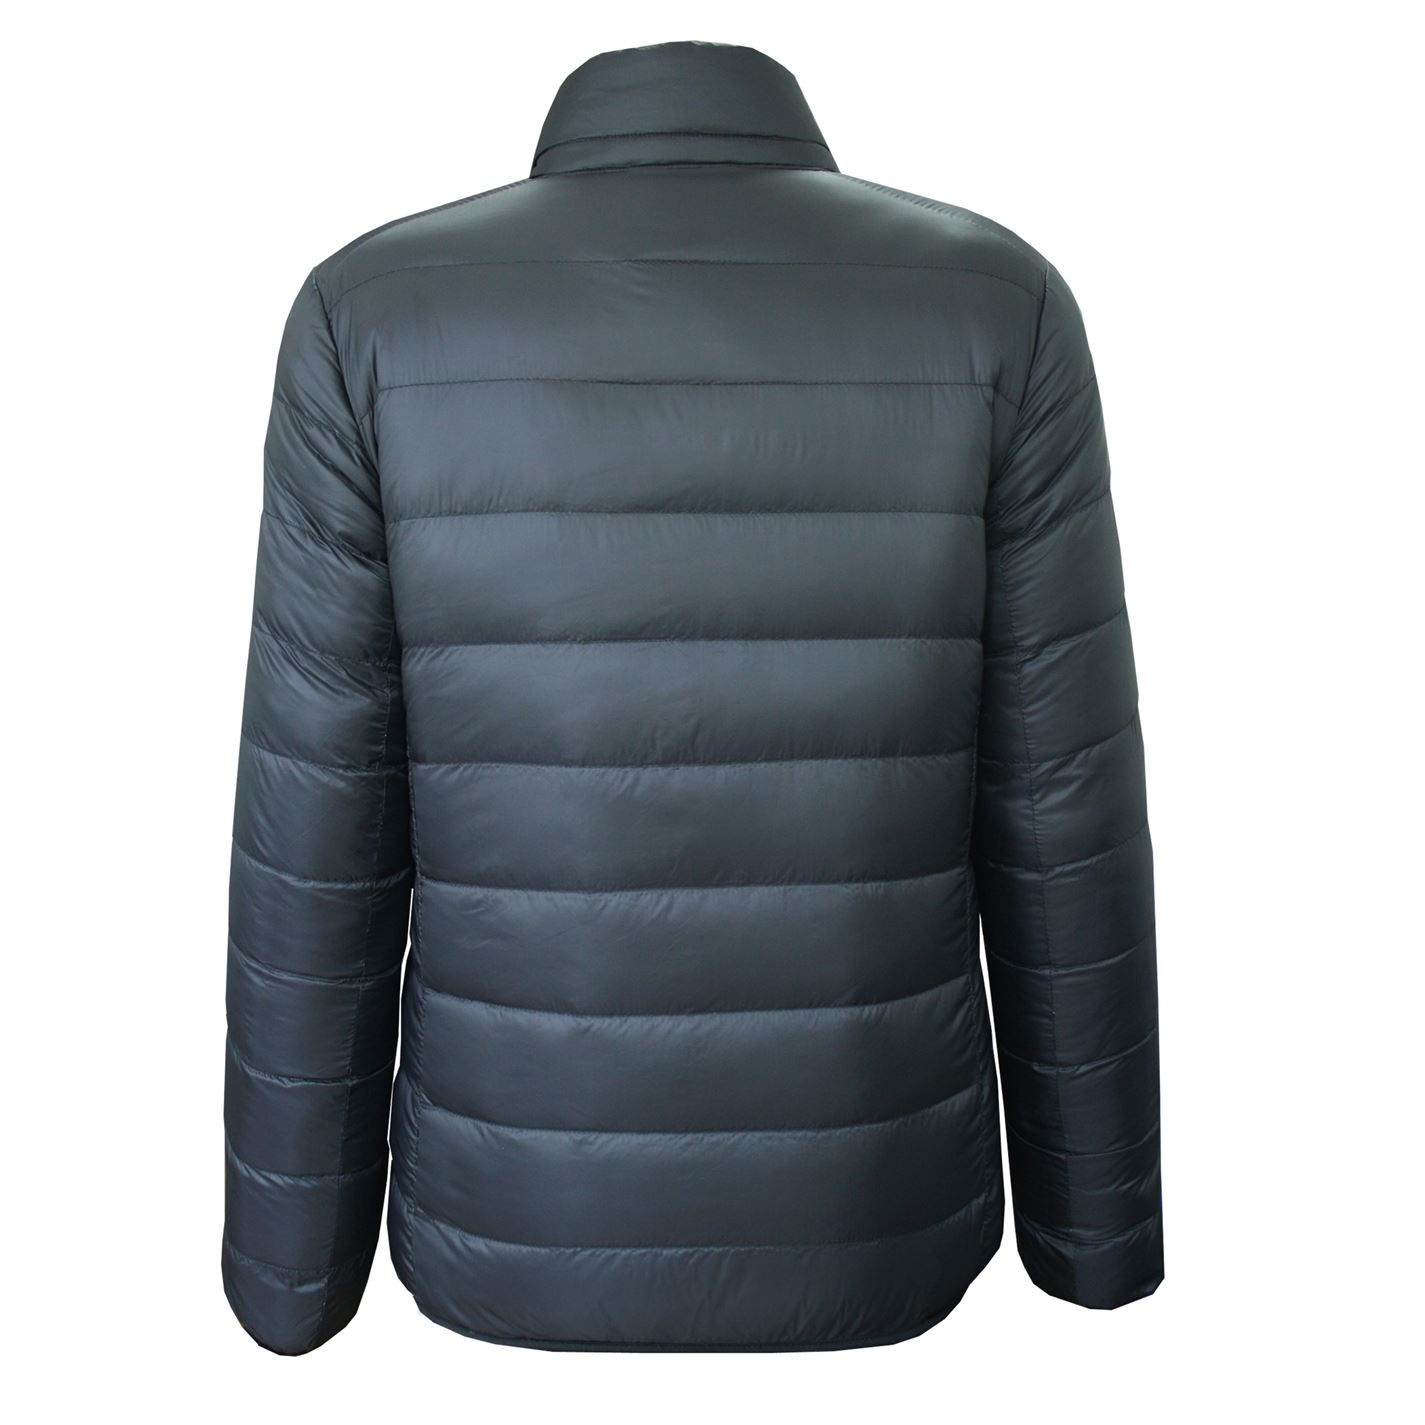 e5d523c94 Details about Lee Cooper Originals Xlite Down Jacket Ladies Micro Bubble  Coat Top High Neck